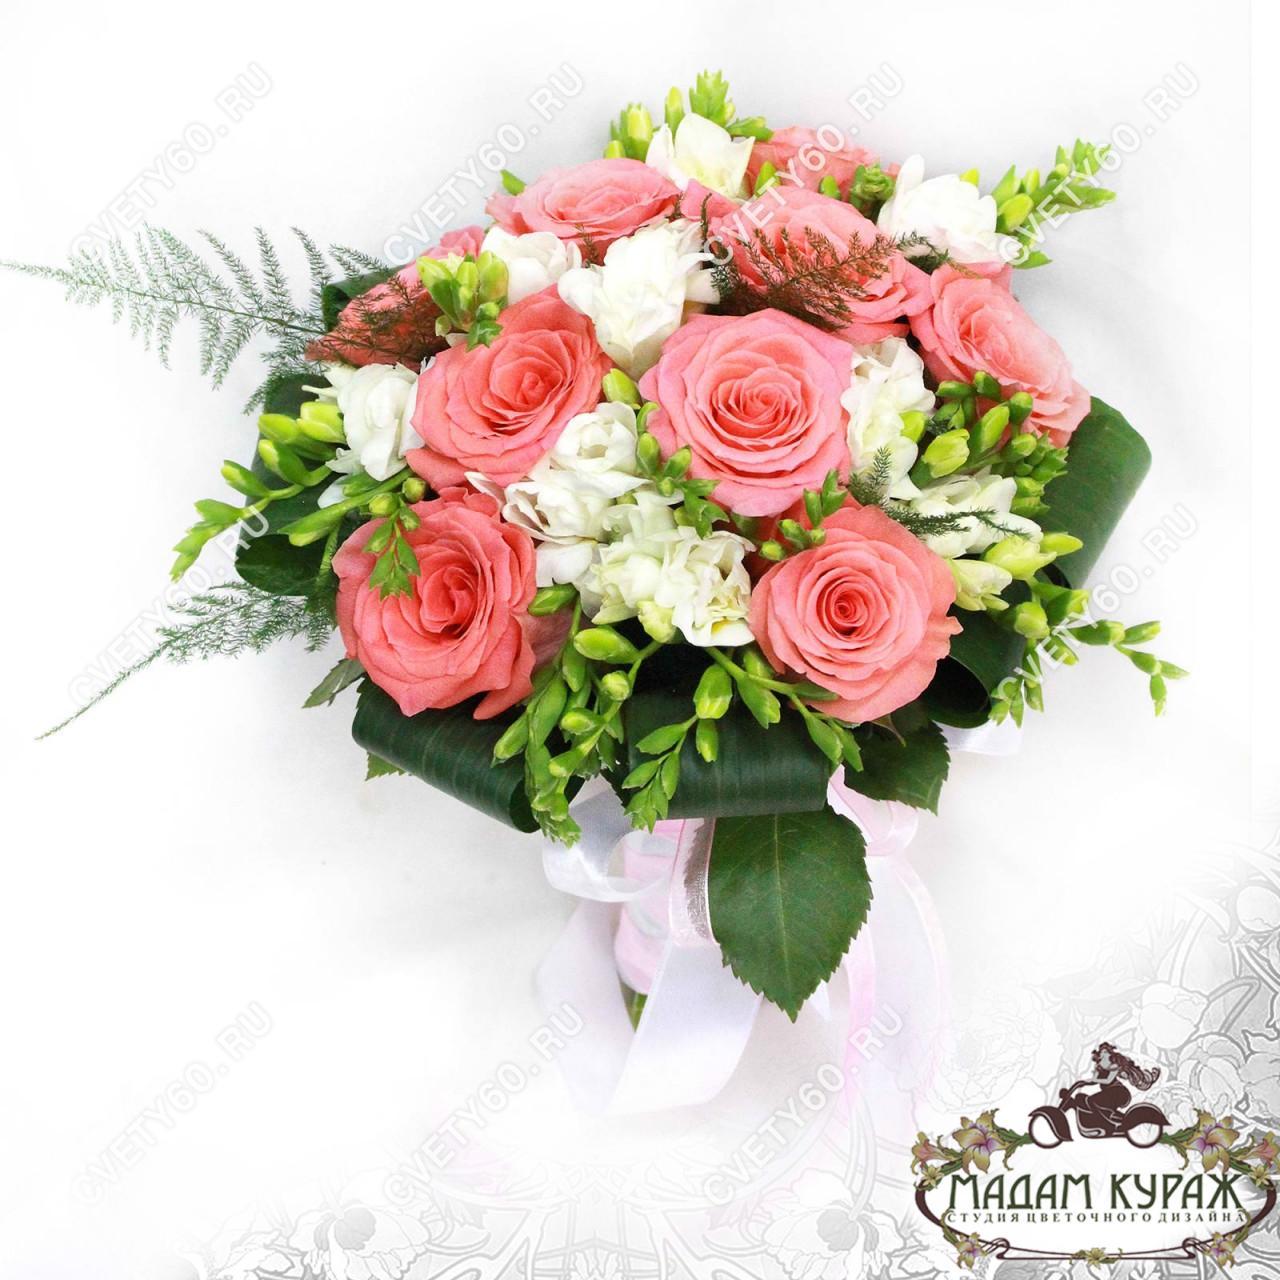 Свадебный букет с коралловыми цветами фото